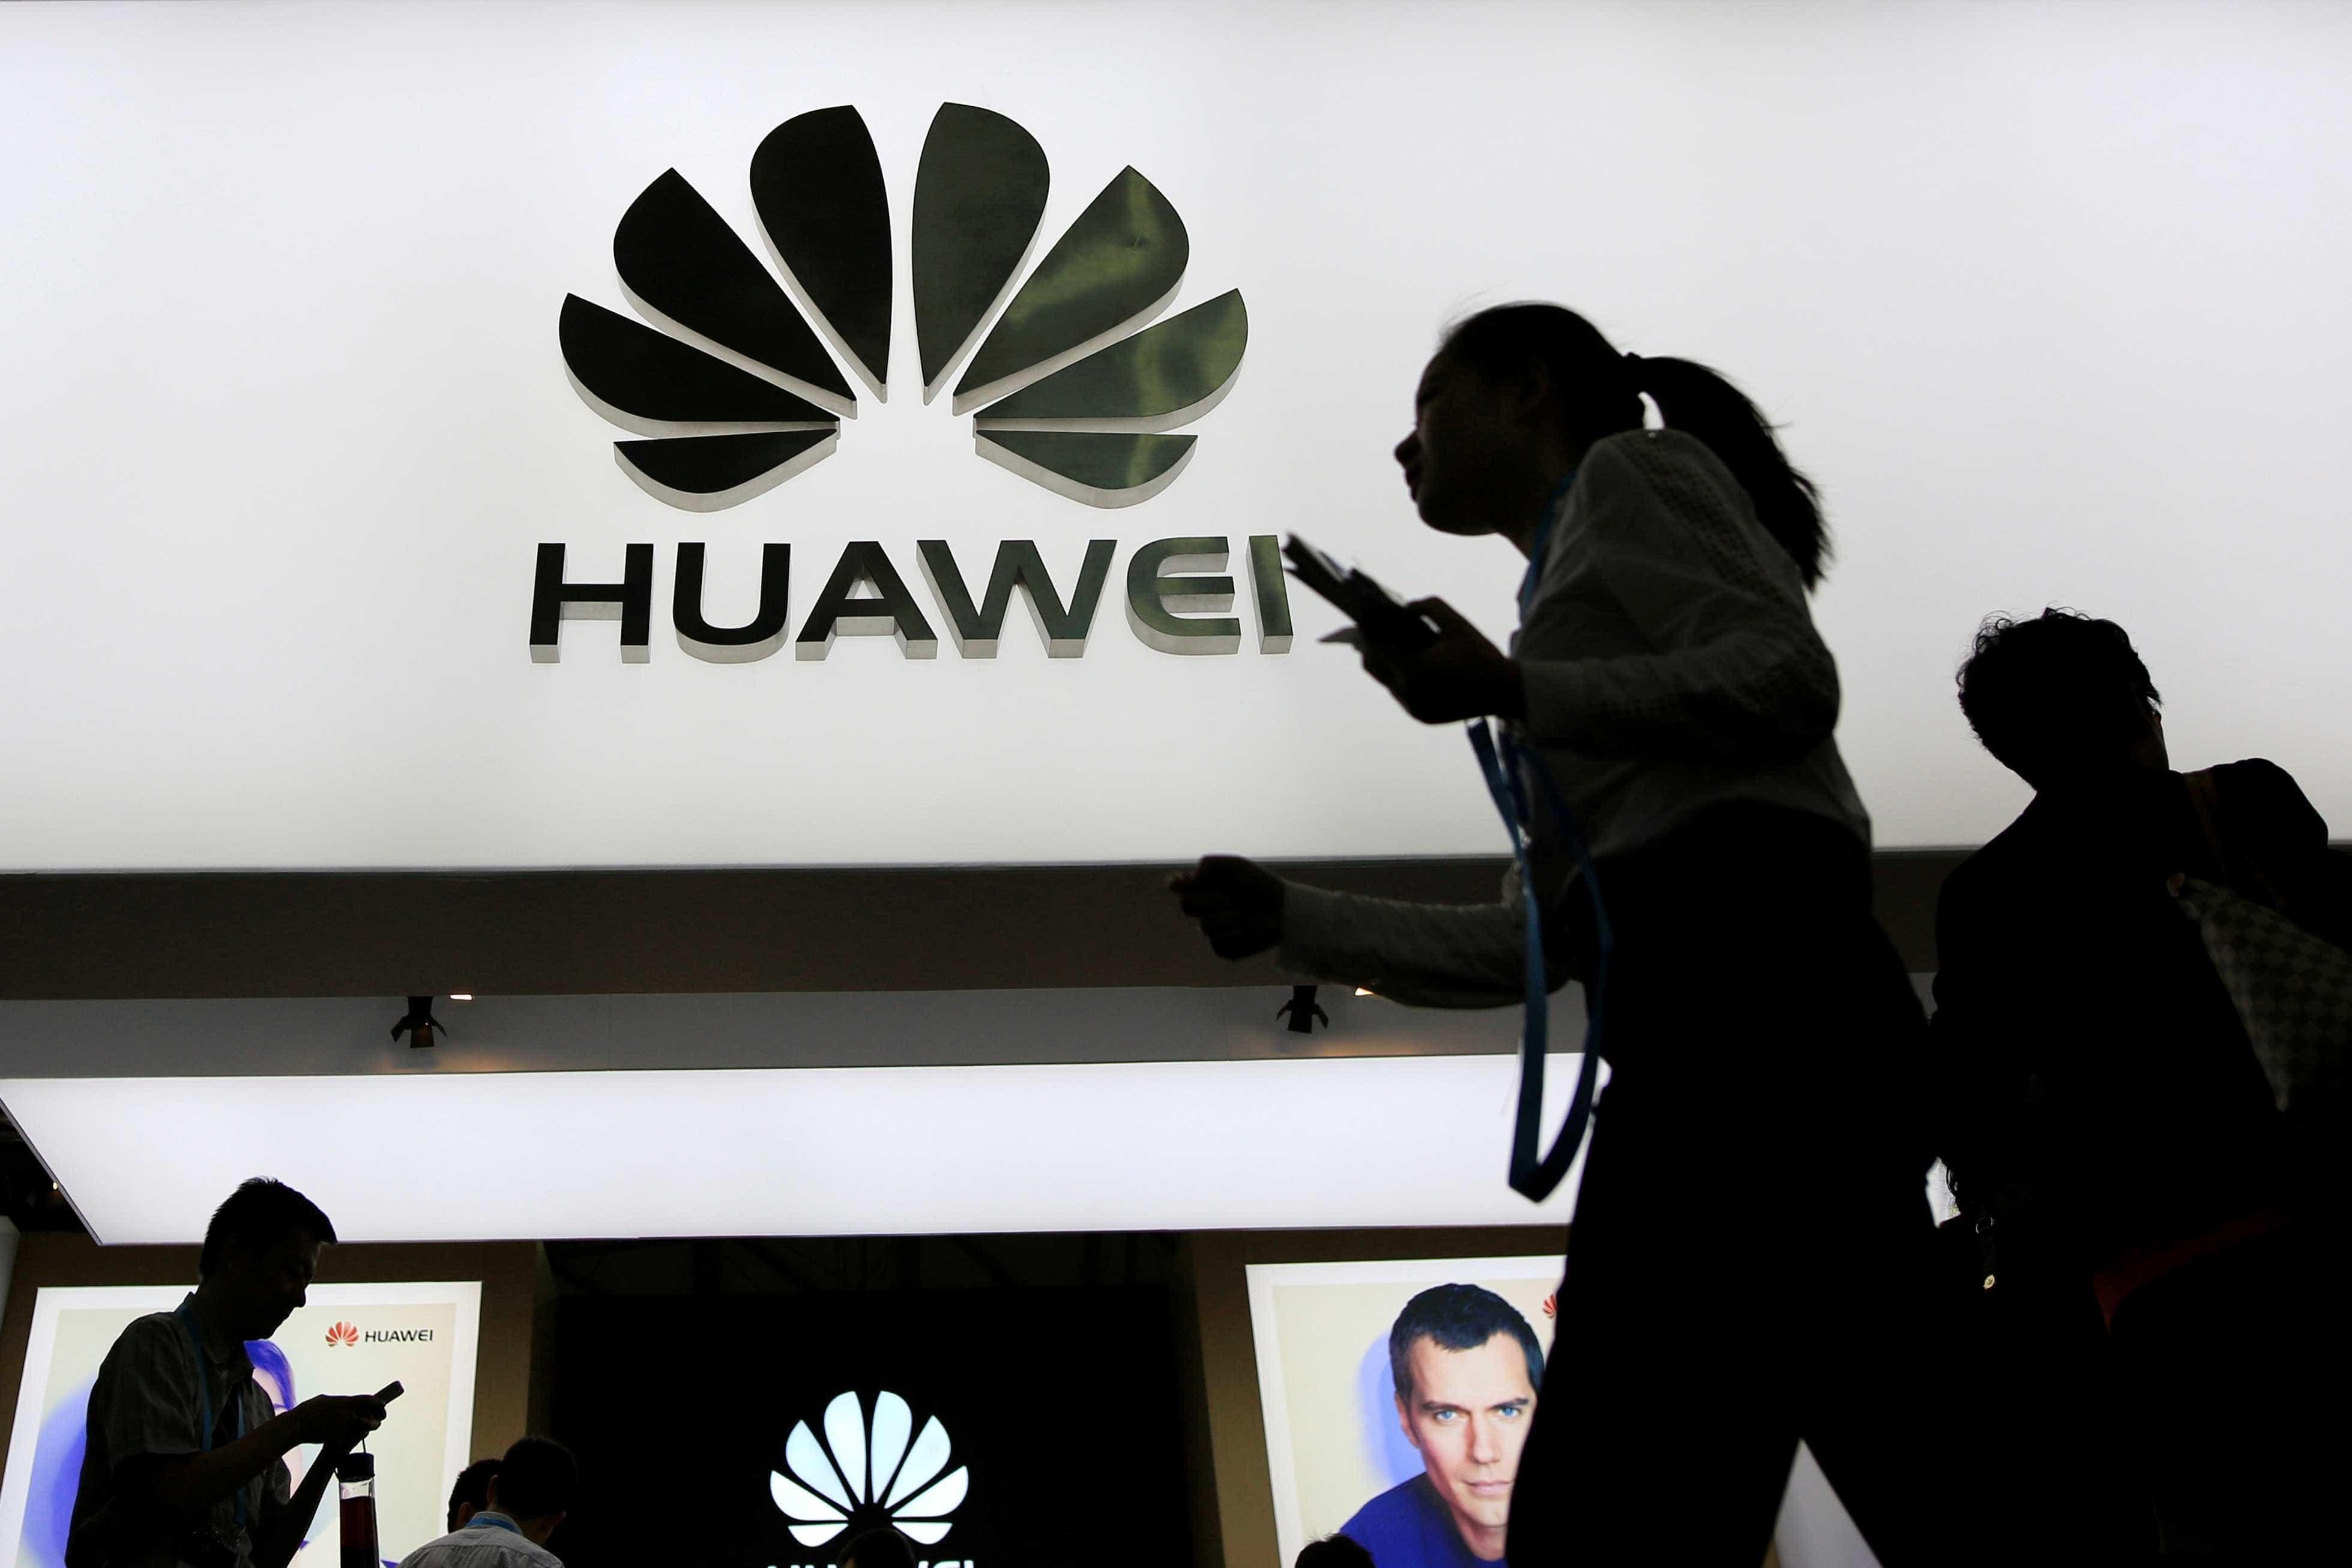 Comissário de tecnologia da União Europeia admite preocupação com Huawei